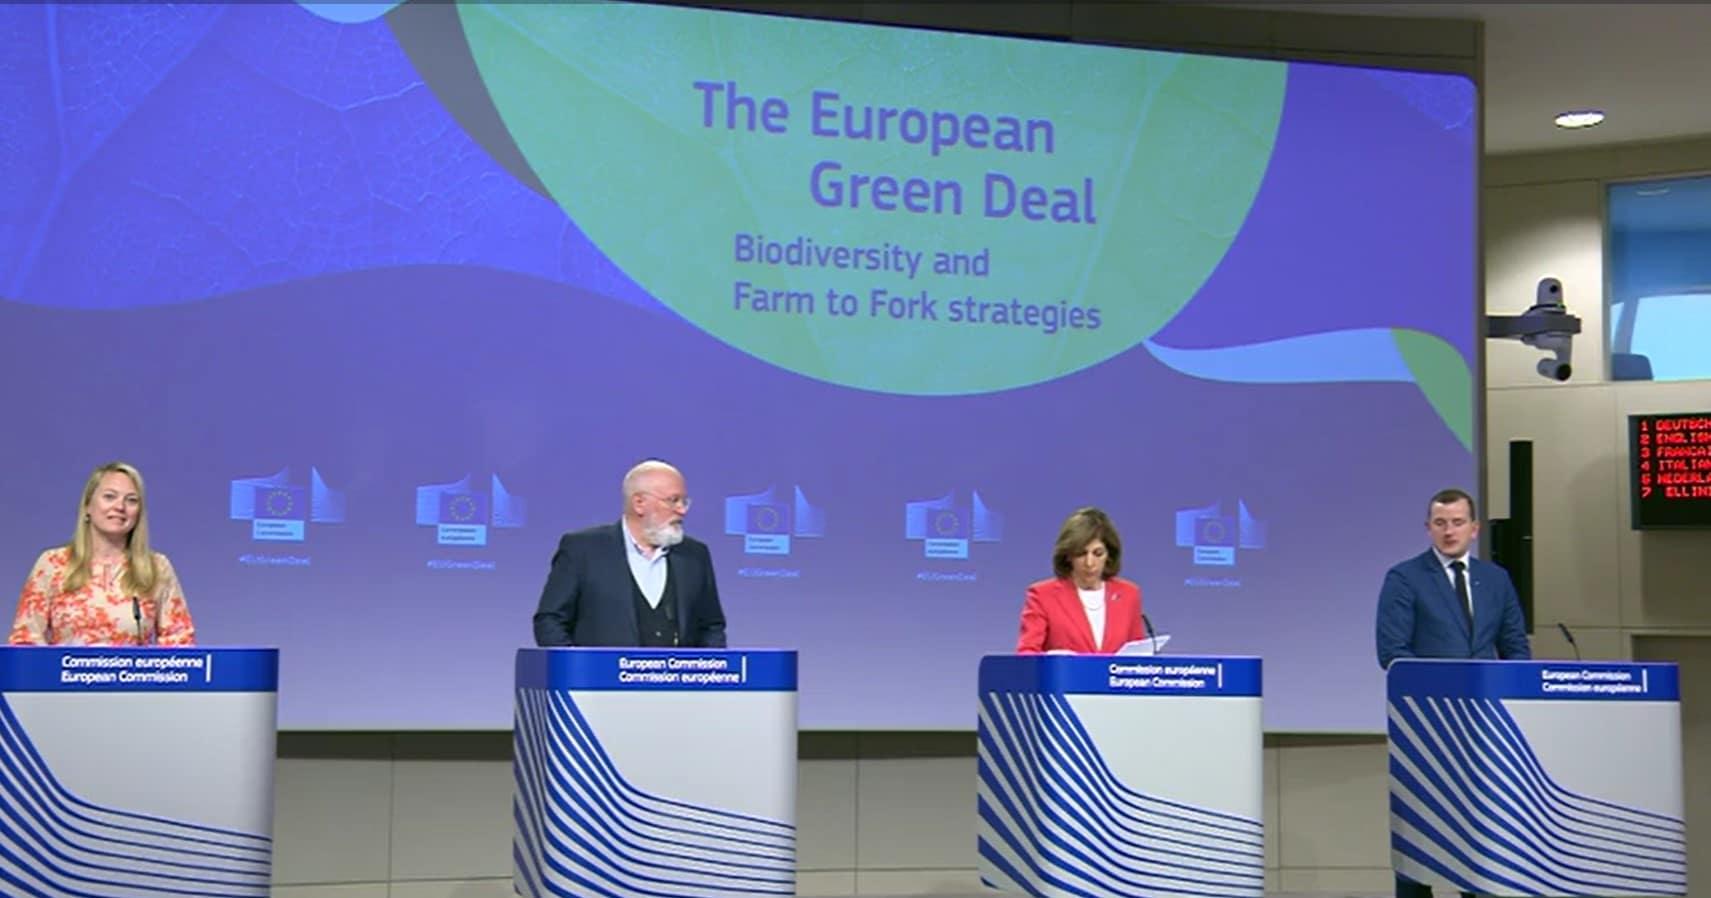 L'Europa con la Farm to fork nel solco della bioagricoltura